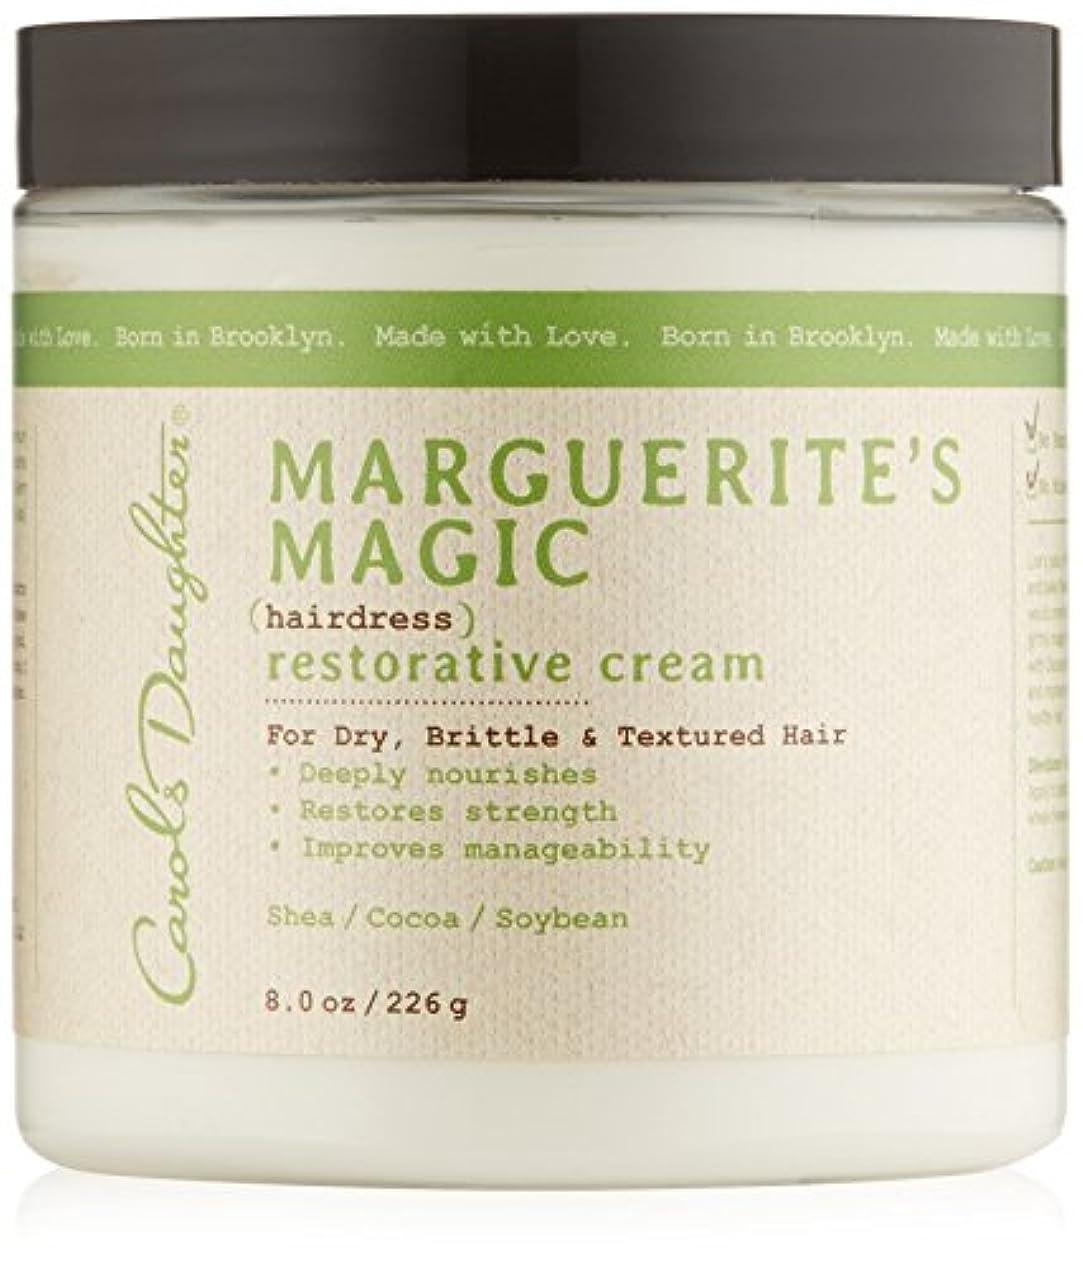 瞬時にベーリング海峡ナチュラルキャロルズドーター マルゲリーテス マジック ヘアドレス リストレーティブ クリーム (乾燥して切れやすい髪用) 226g/8oz